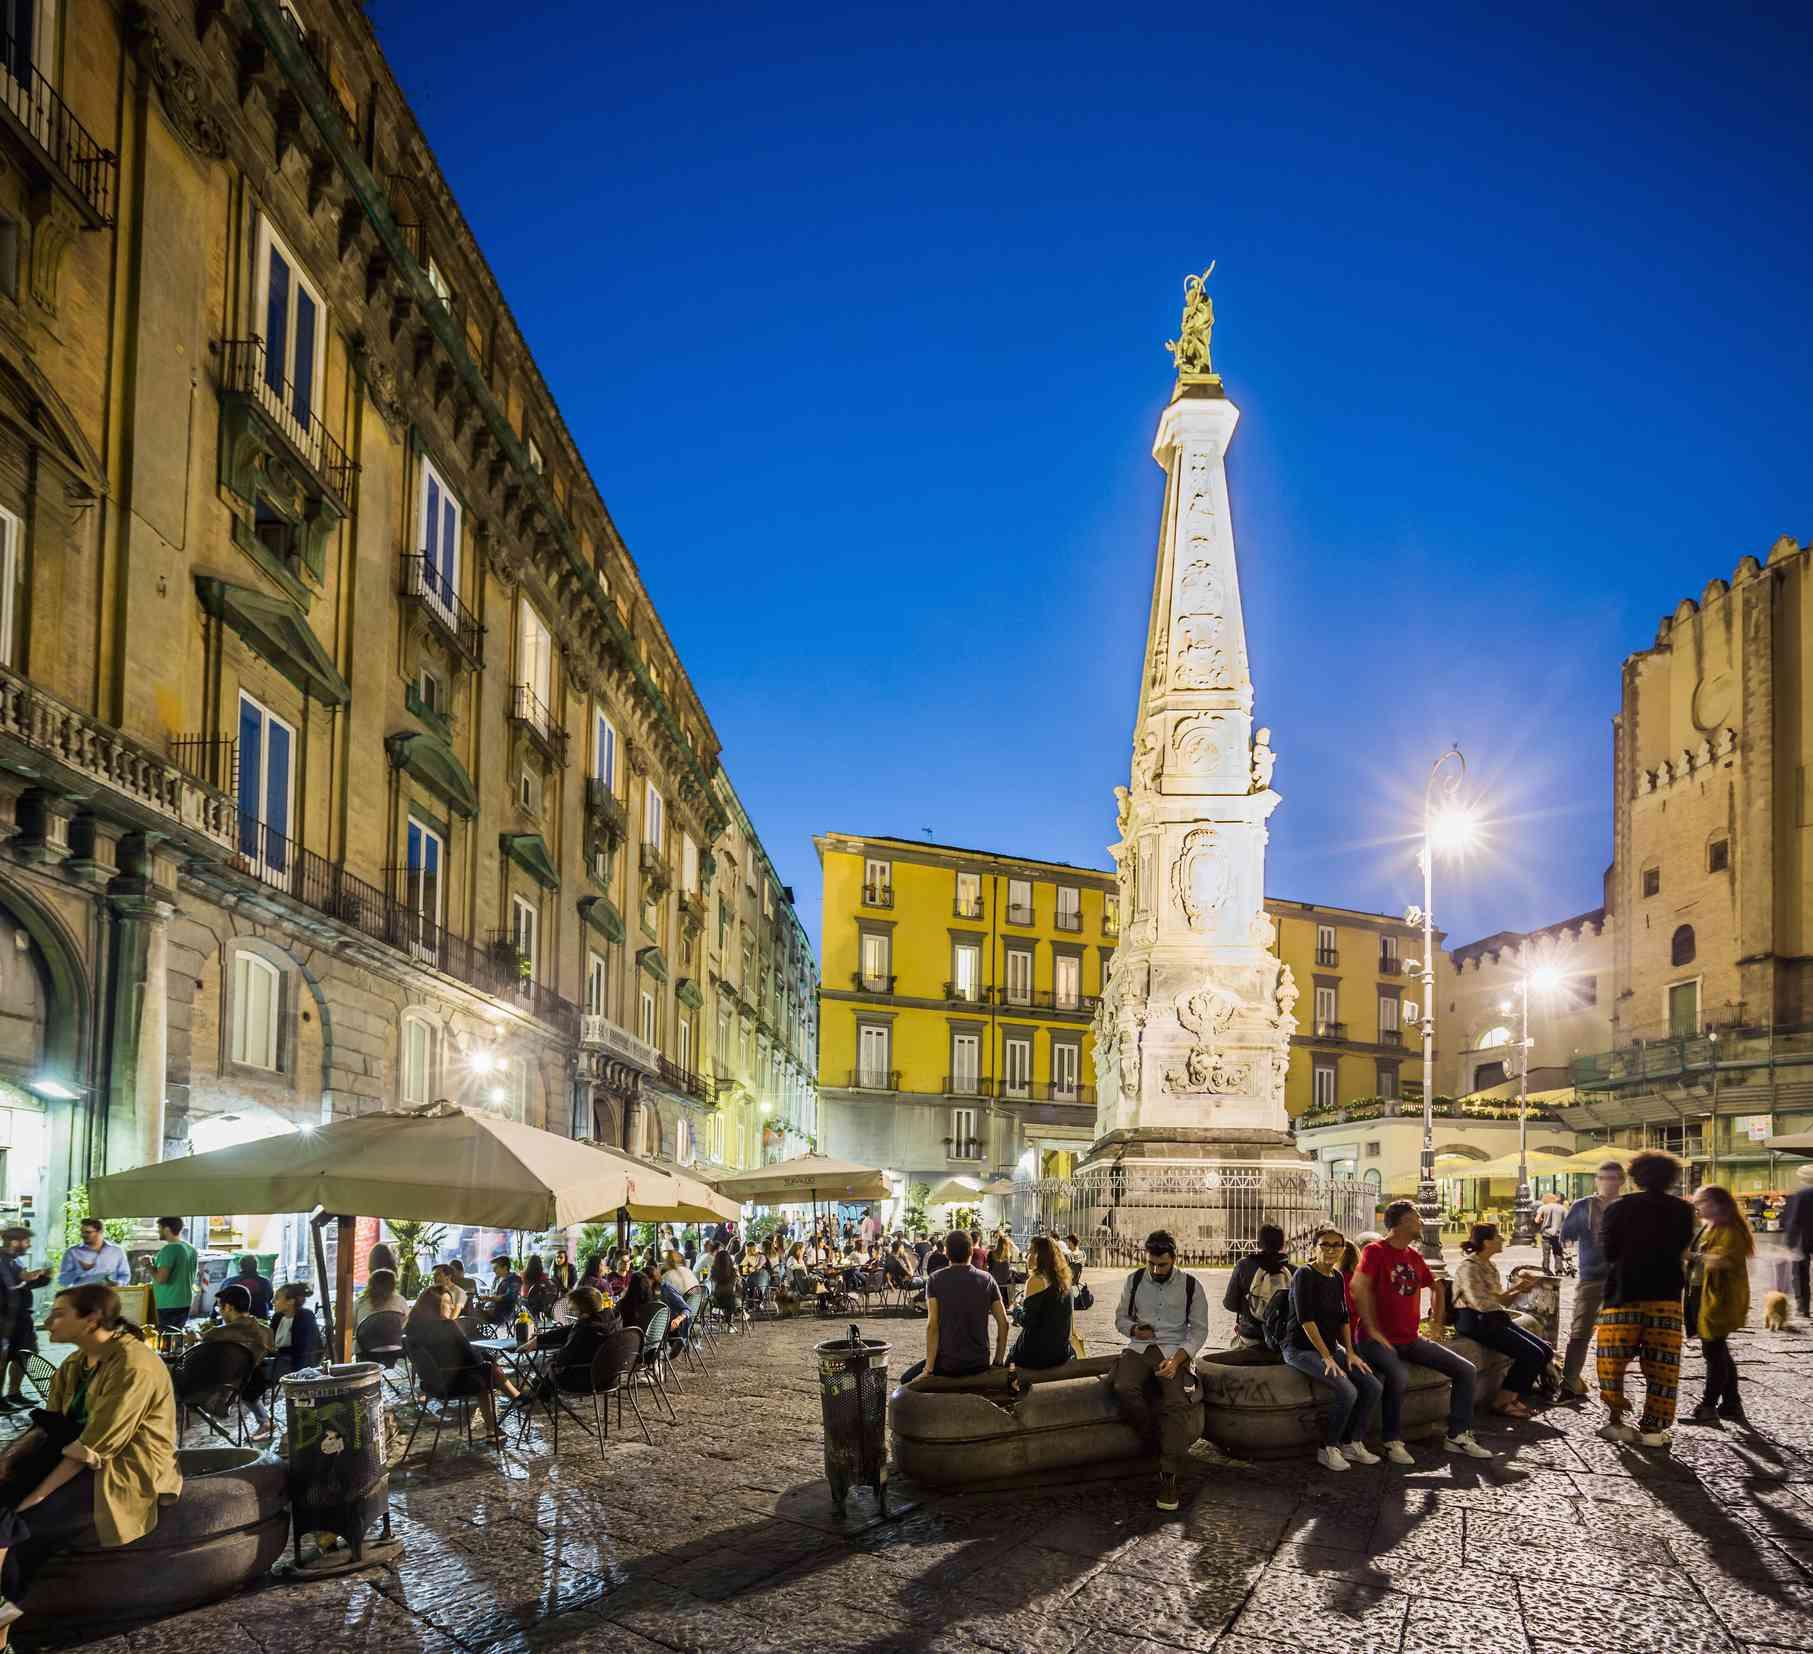 Evening crowds on Piazza San Domenico Maggiore, Naples